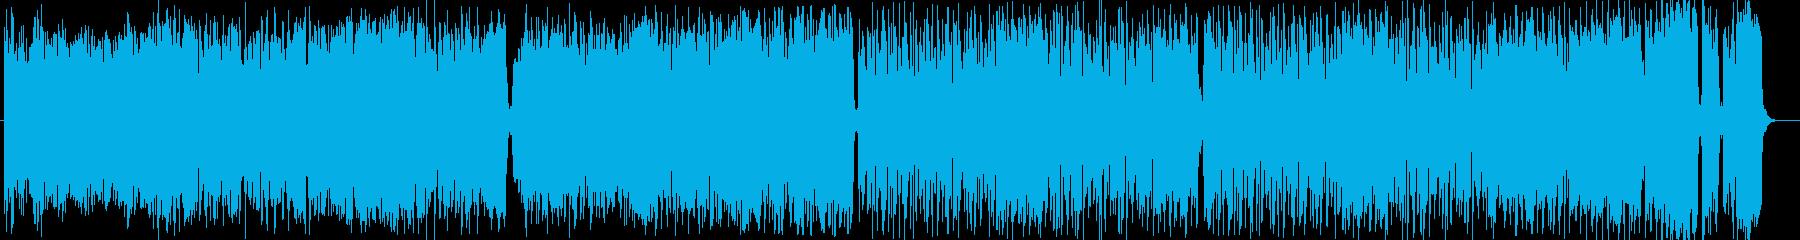 大正ロマン バンドネオン+チェロのタンゴの再生済みの波形